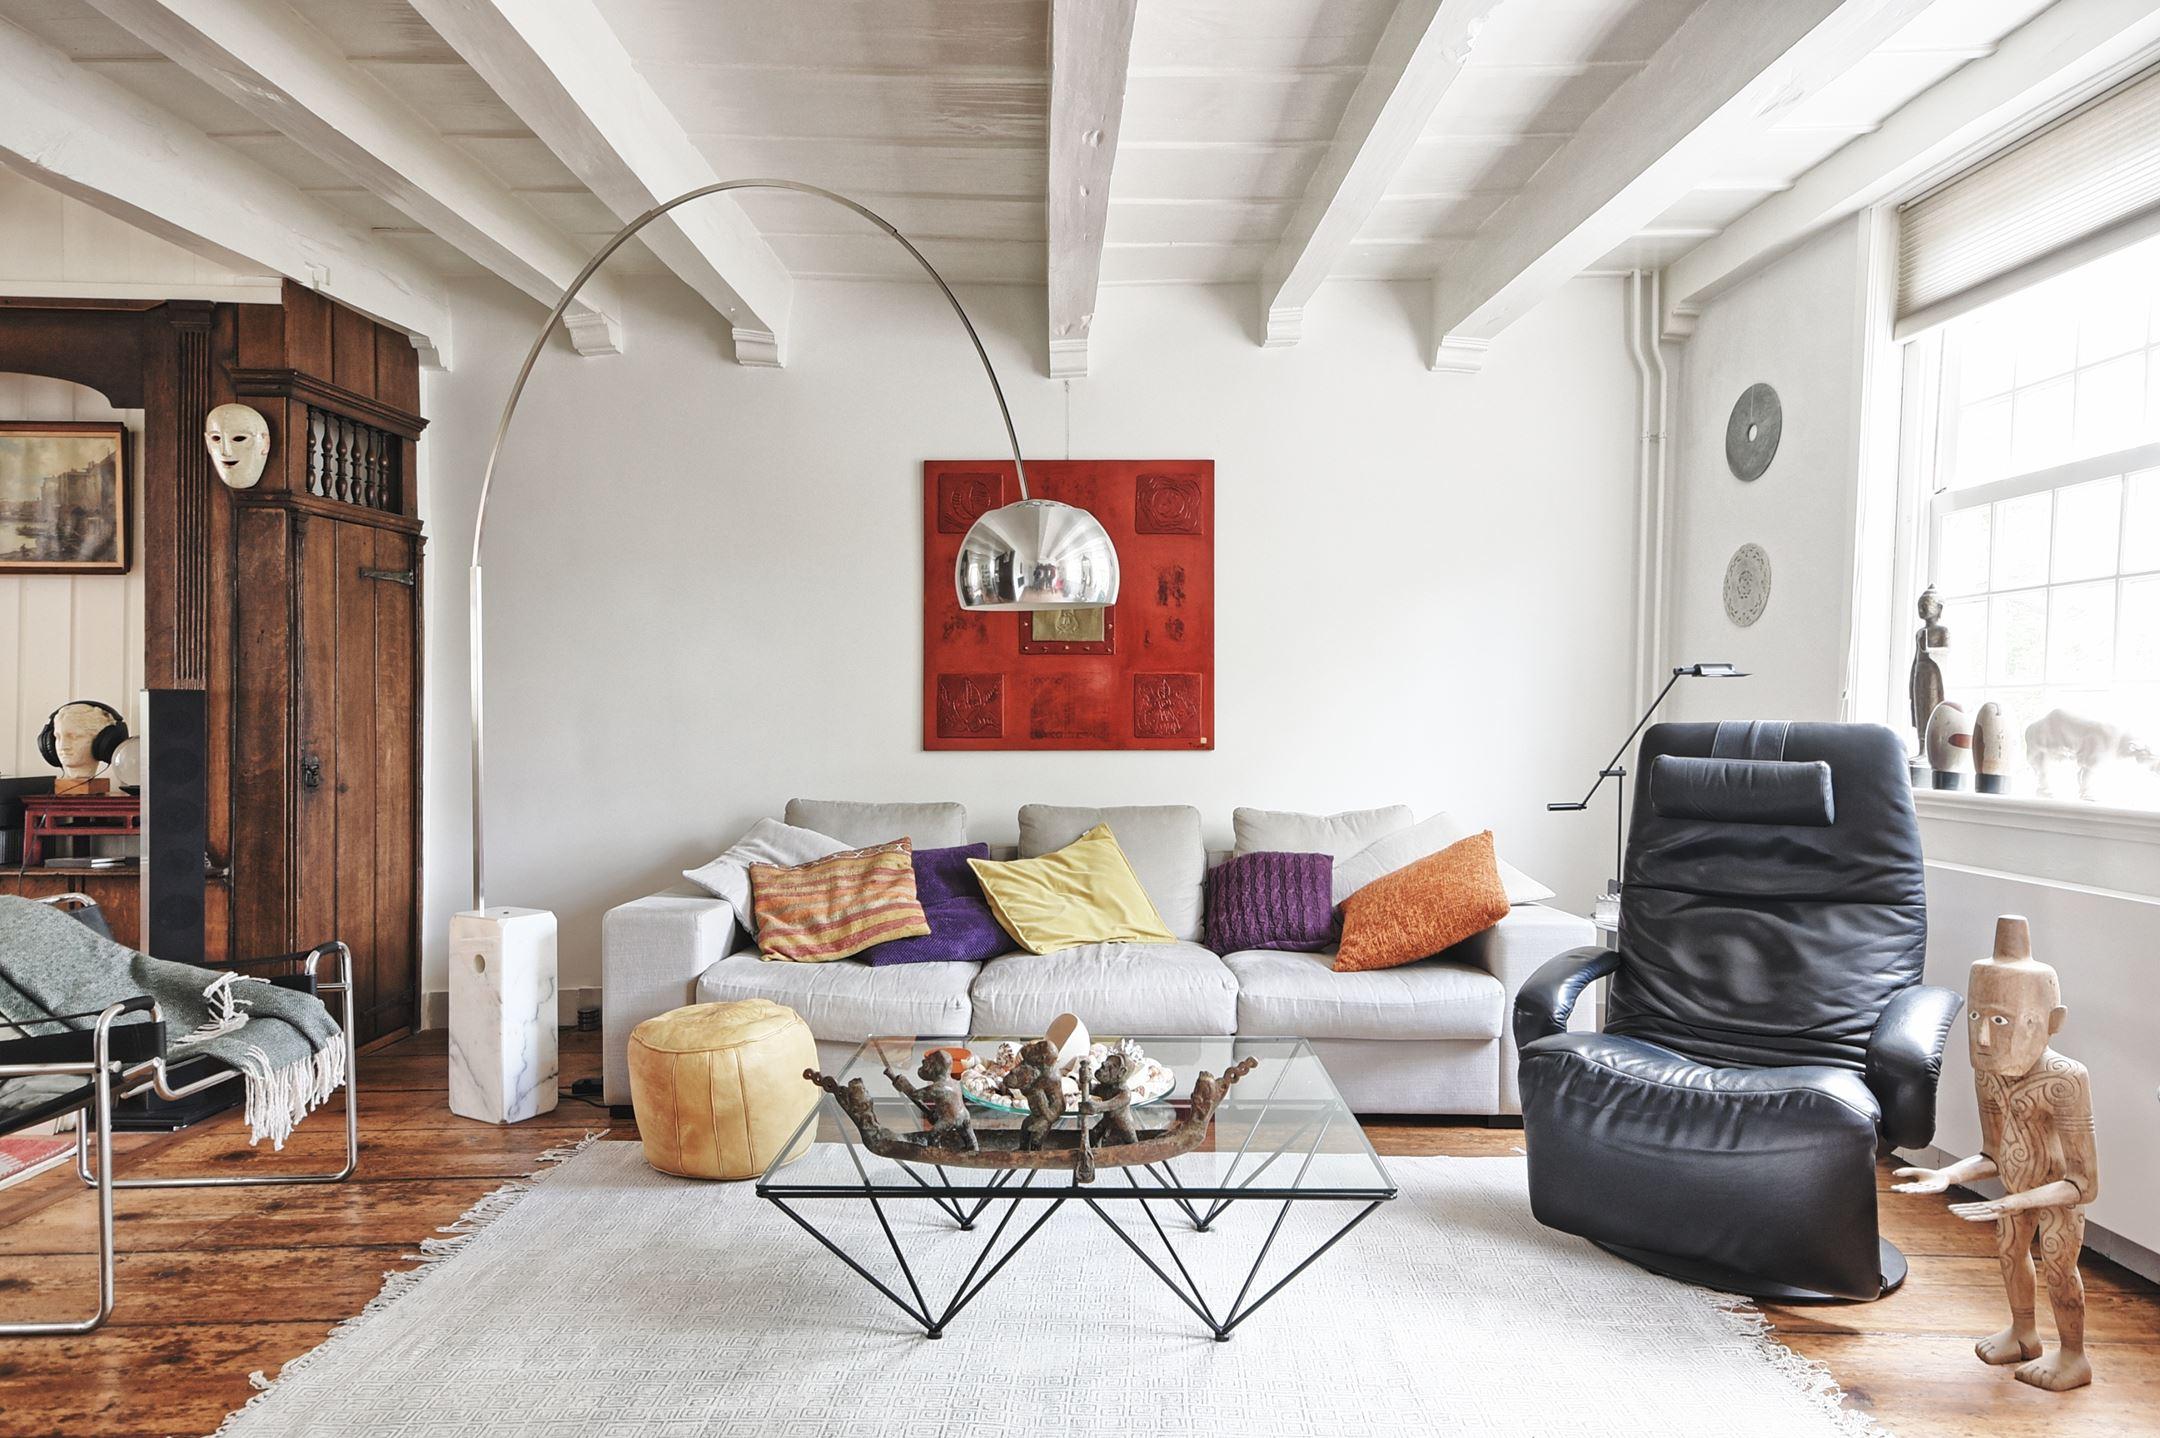 гостиная потолок балки белые стены деревянный пол торшер диван поду